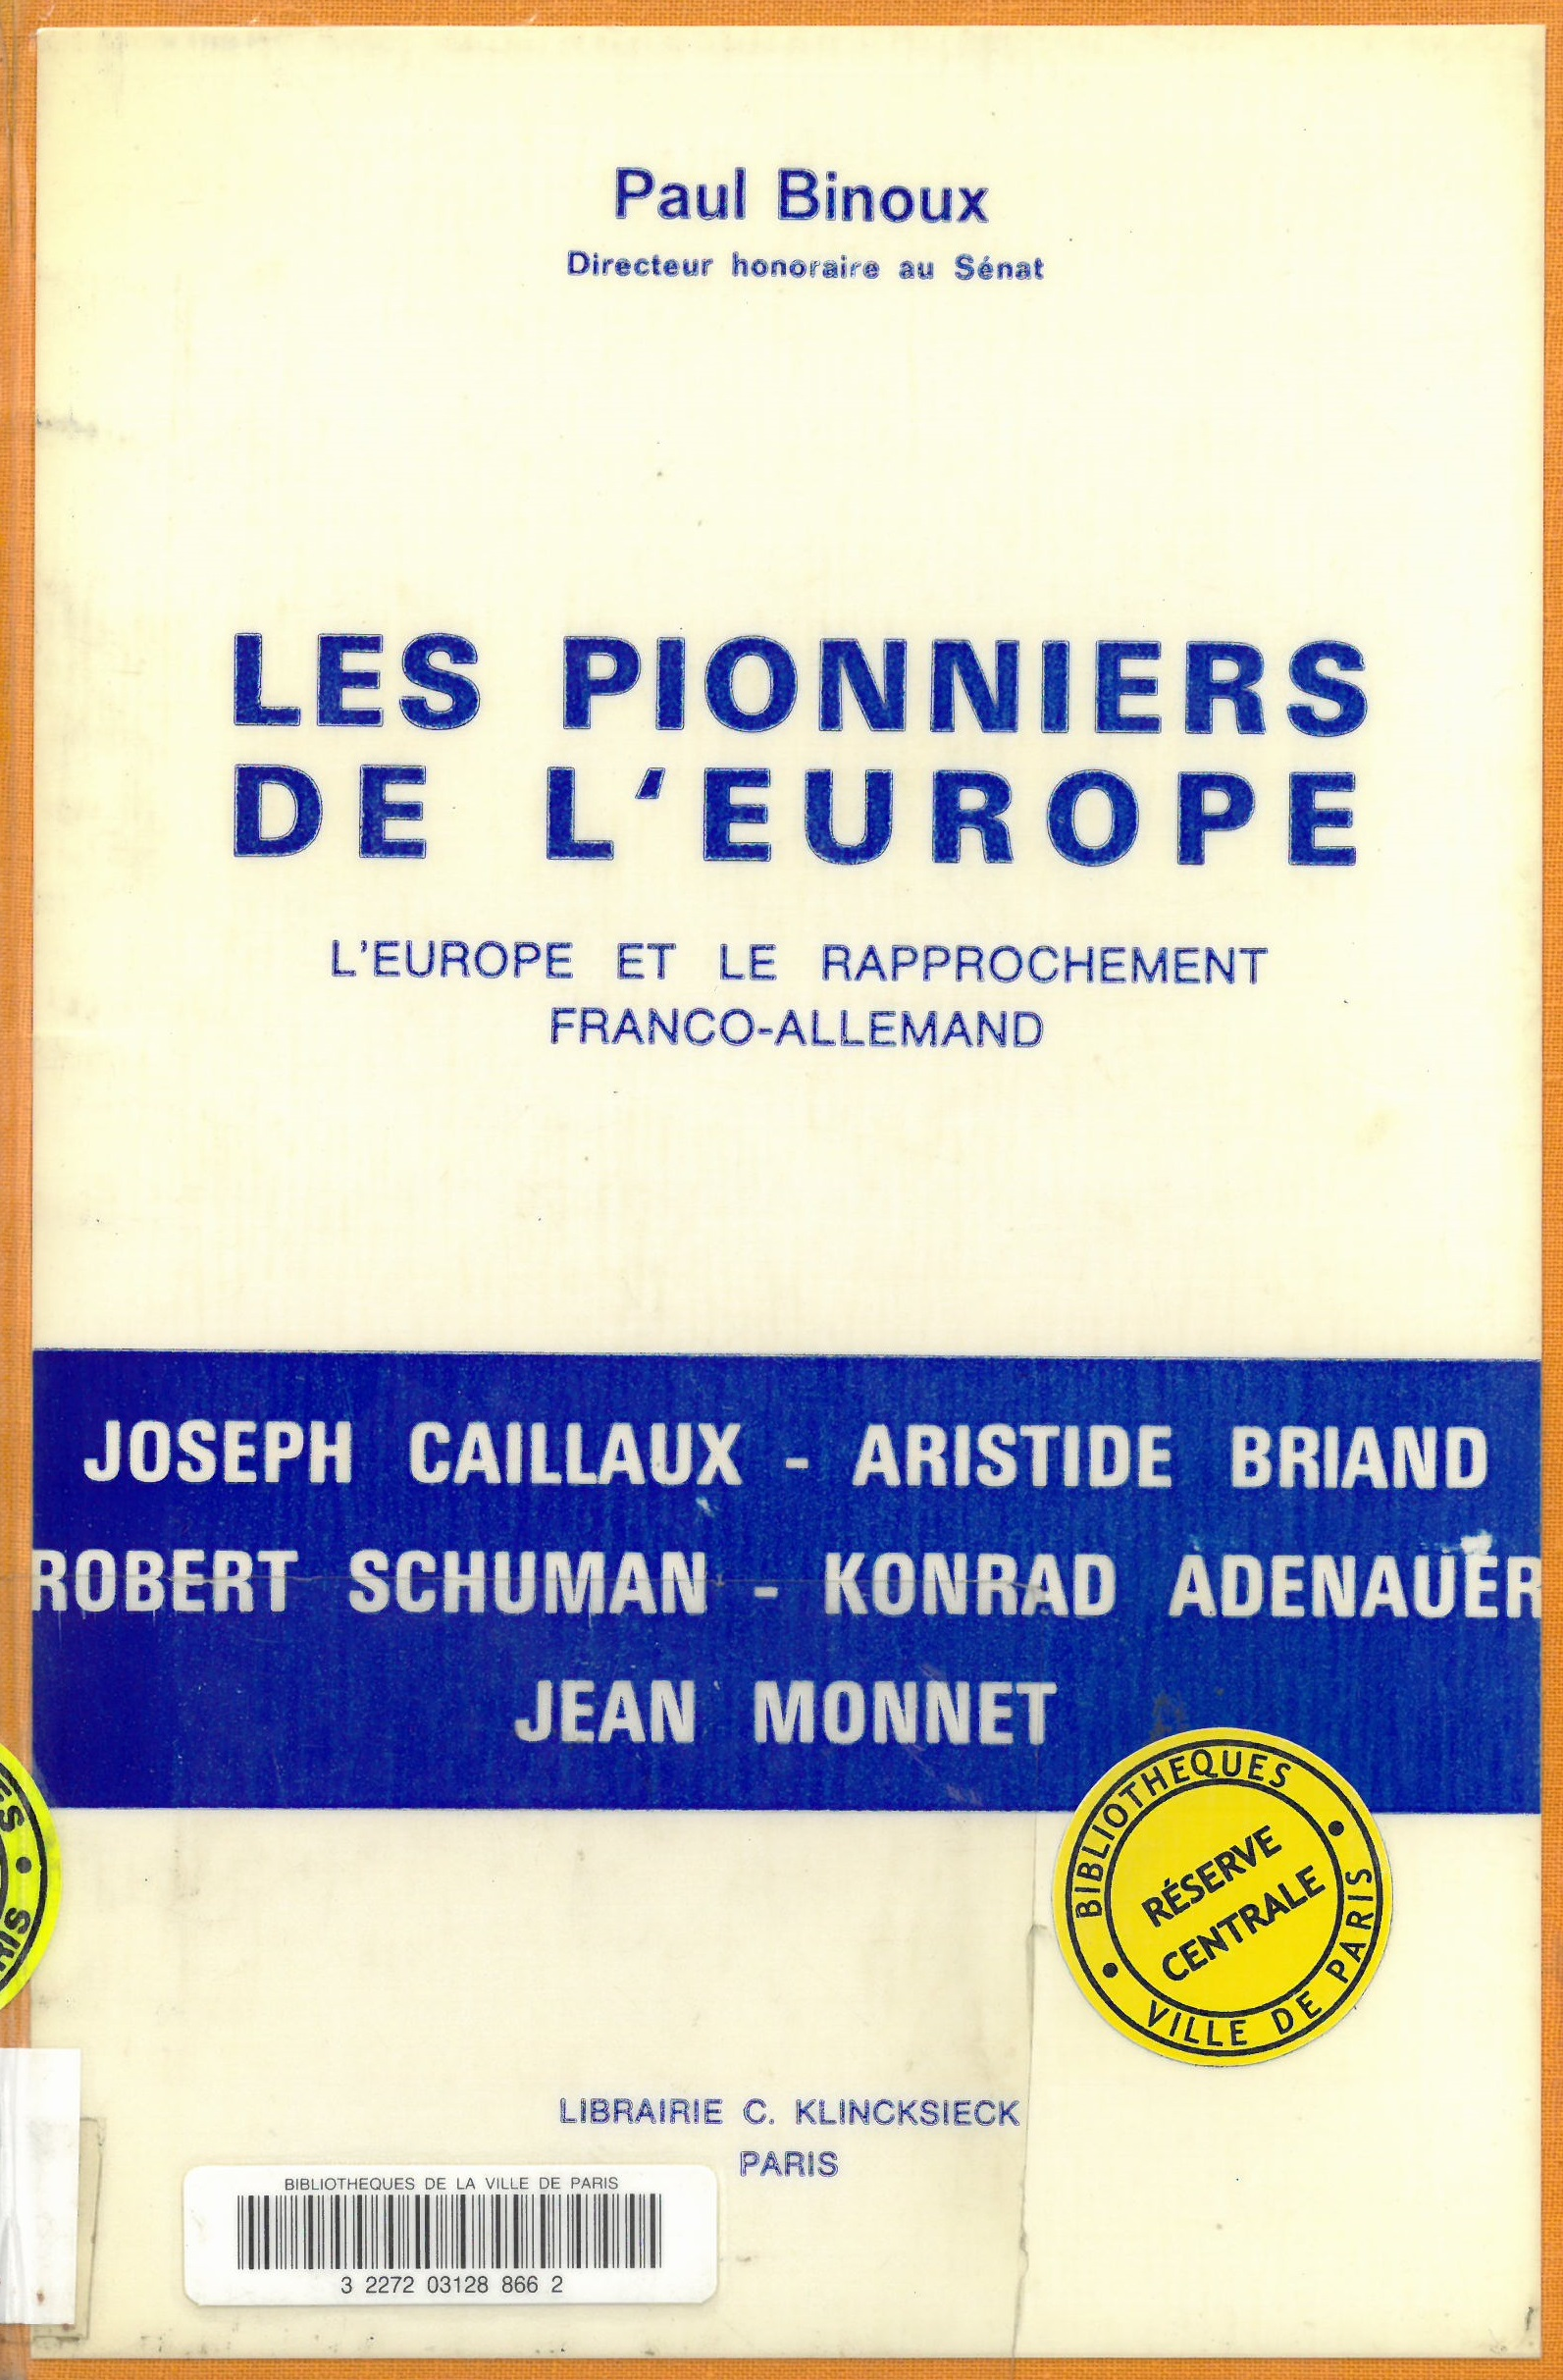 Les pionniers de l'Europe : l'Europe et le rapprochement franco-allemand : Joseph Caillaux, Aristide Briand, Robert Schuman, Konrad Adenauer, Jean Monnet | Paul Binoux